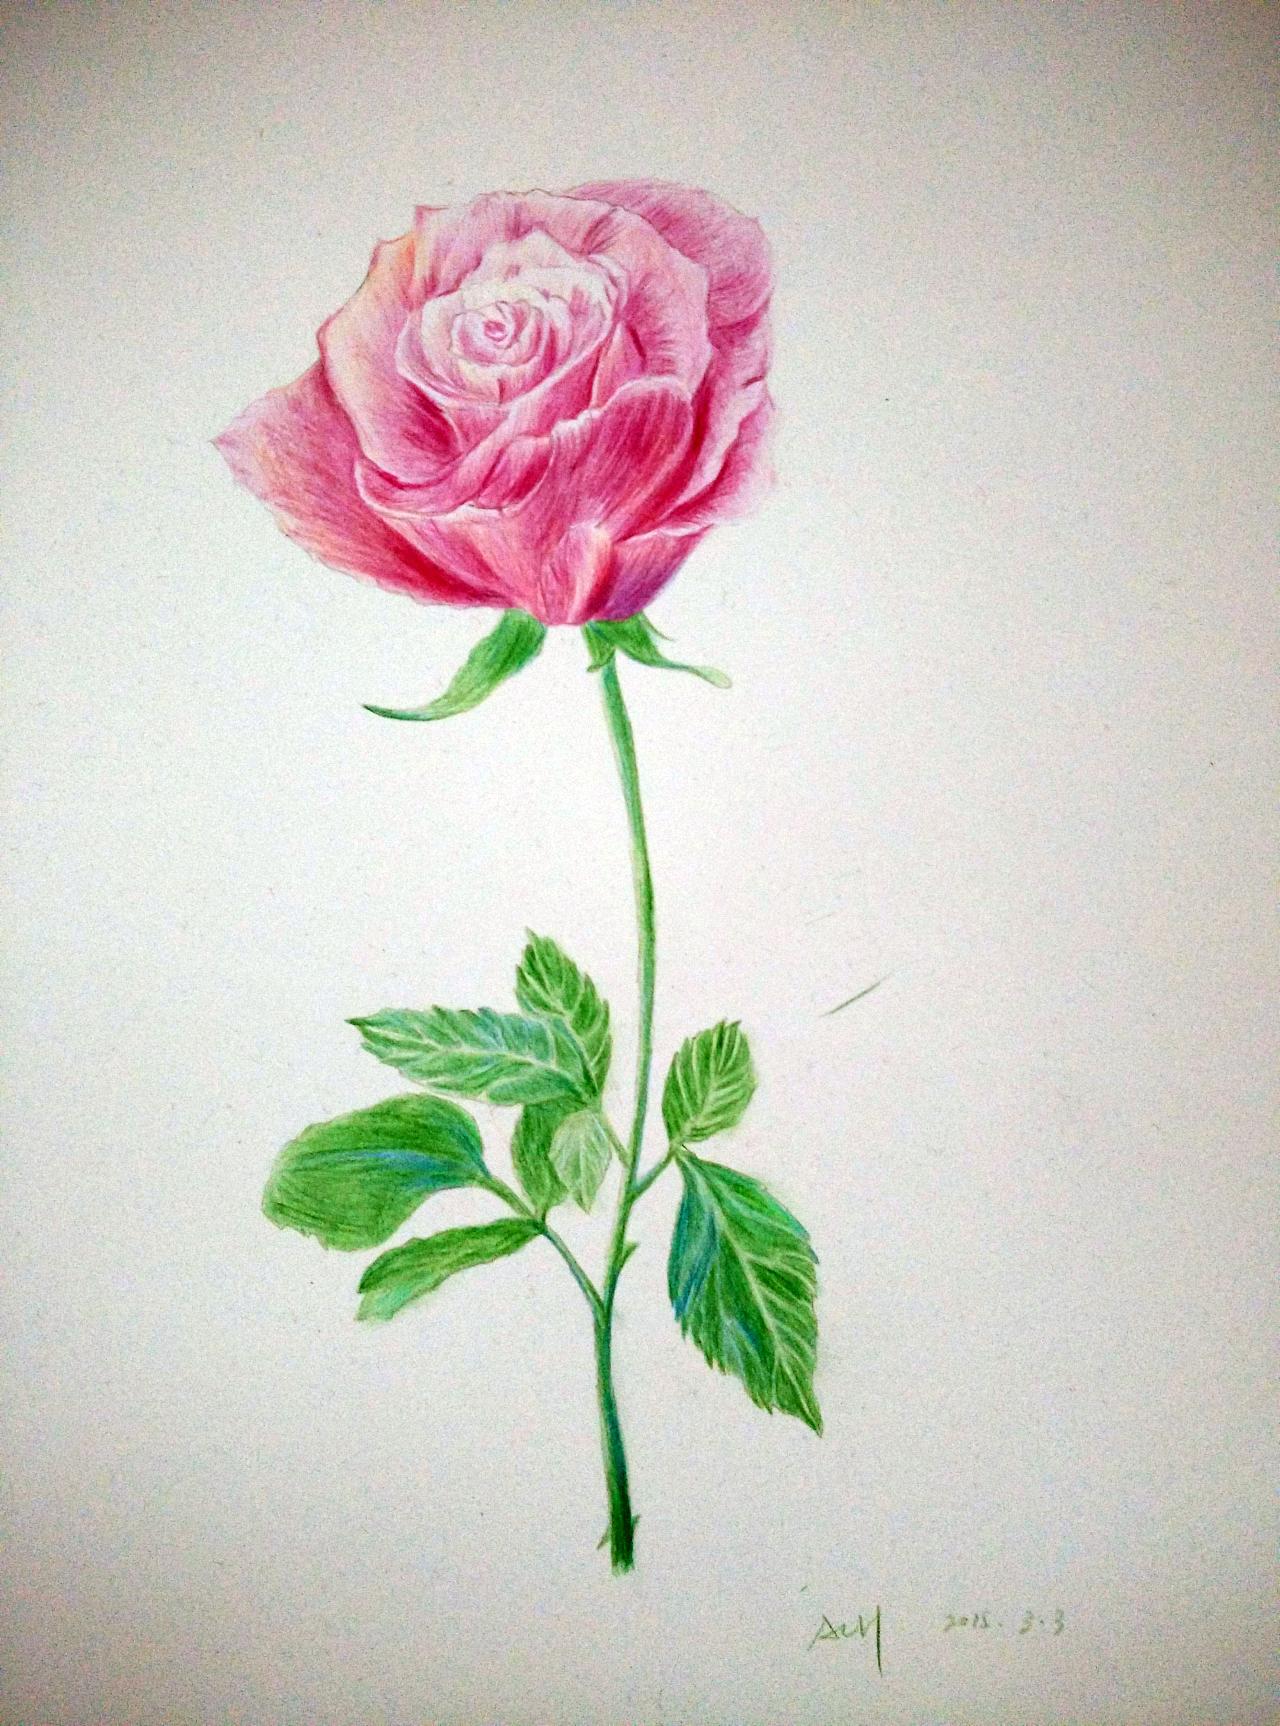 彩铅花_彩铅画玫瑰的图片大全 _排行榜大全